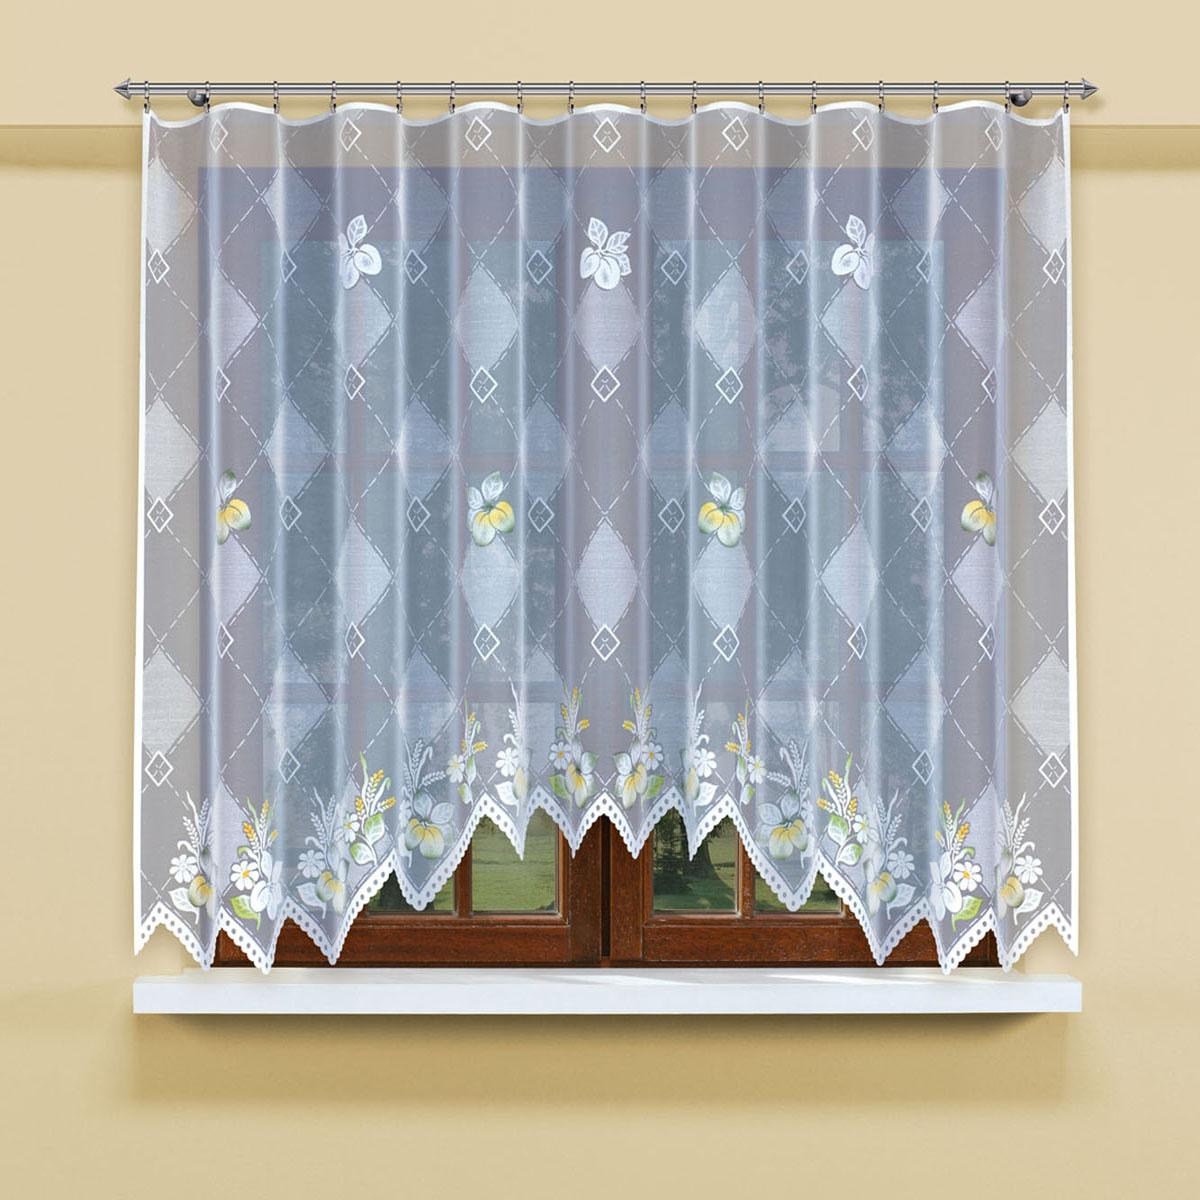 Гардина Haft, цвет: белый, ширина 300 см, высота 160 см. 206900/160206900/160Гардина-арка из жаккардовой ткани, выполненная в белом цвете с чередующимся по тону ромбическим узором и крашенным рисунком цветовРазмеры: высота 160 см*ширина 300см